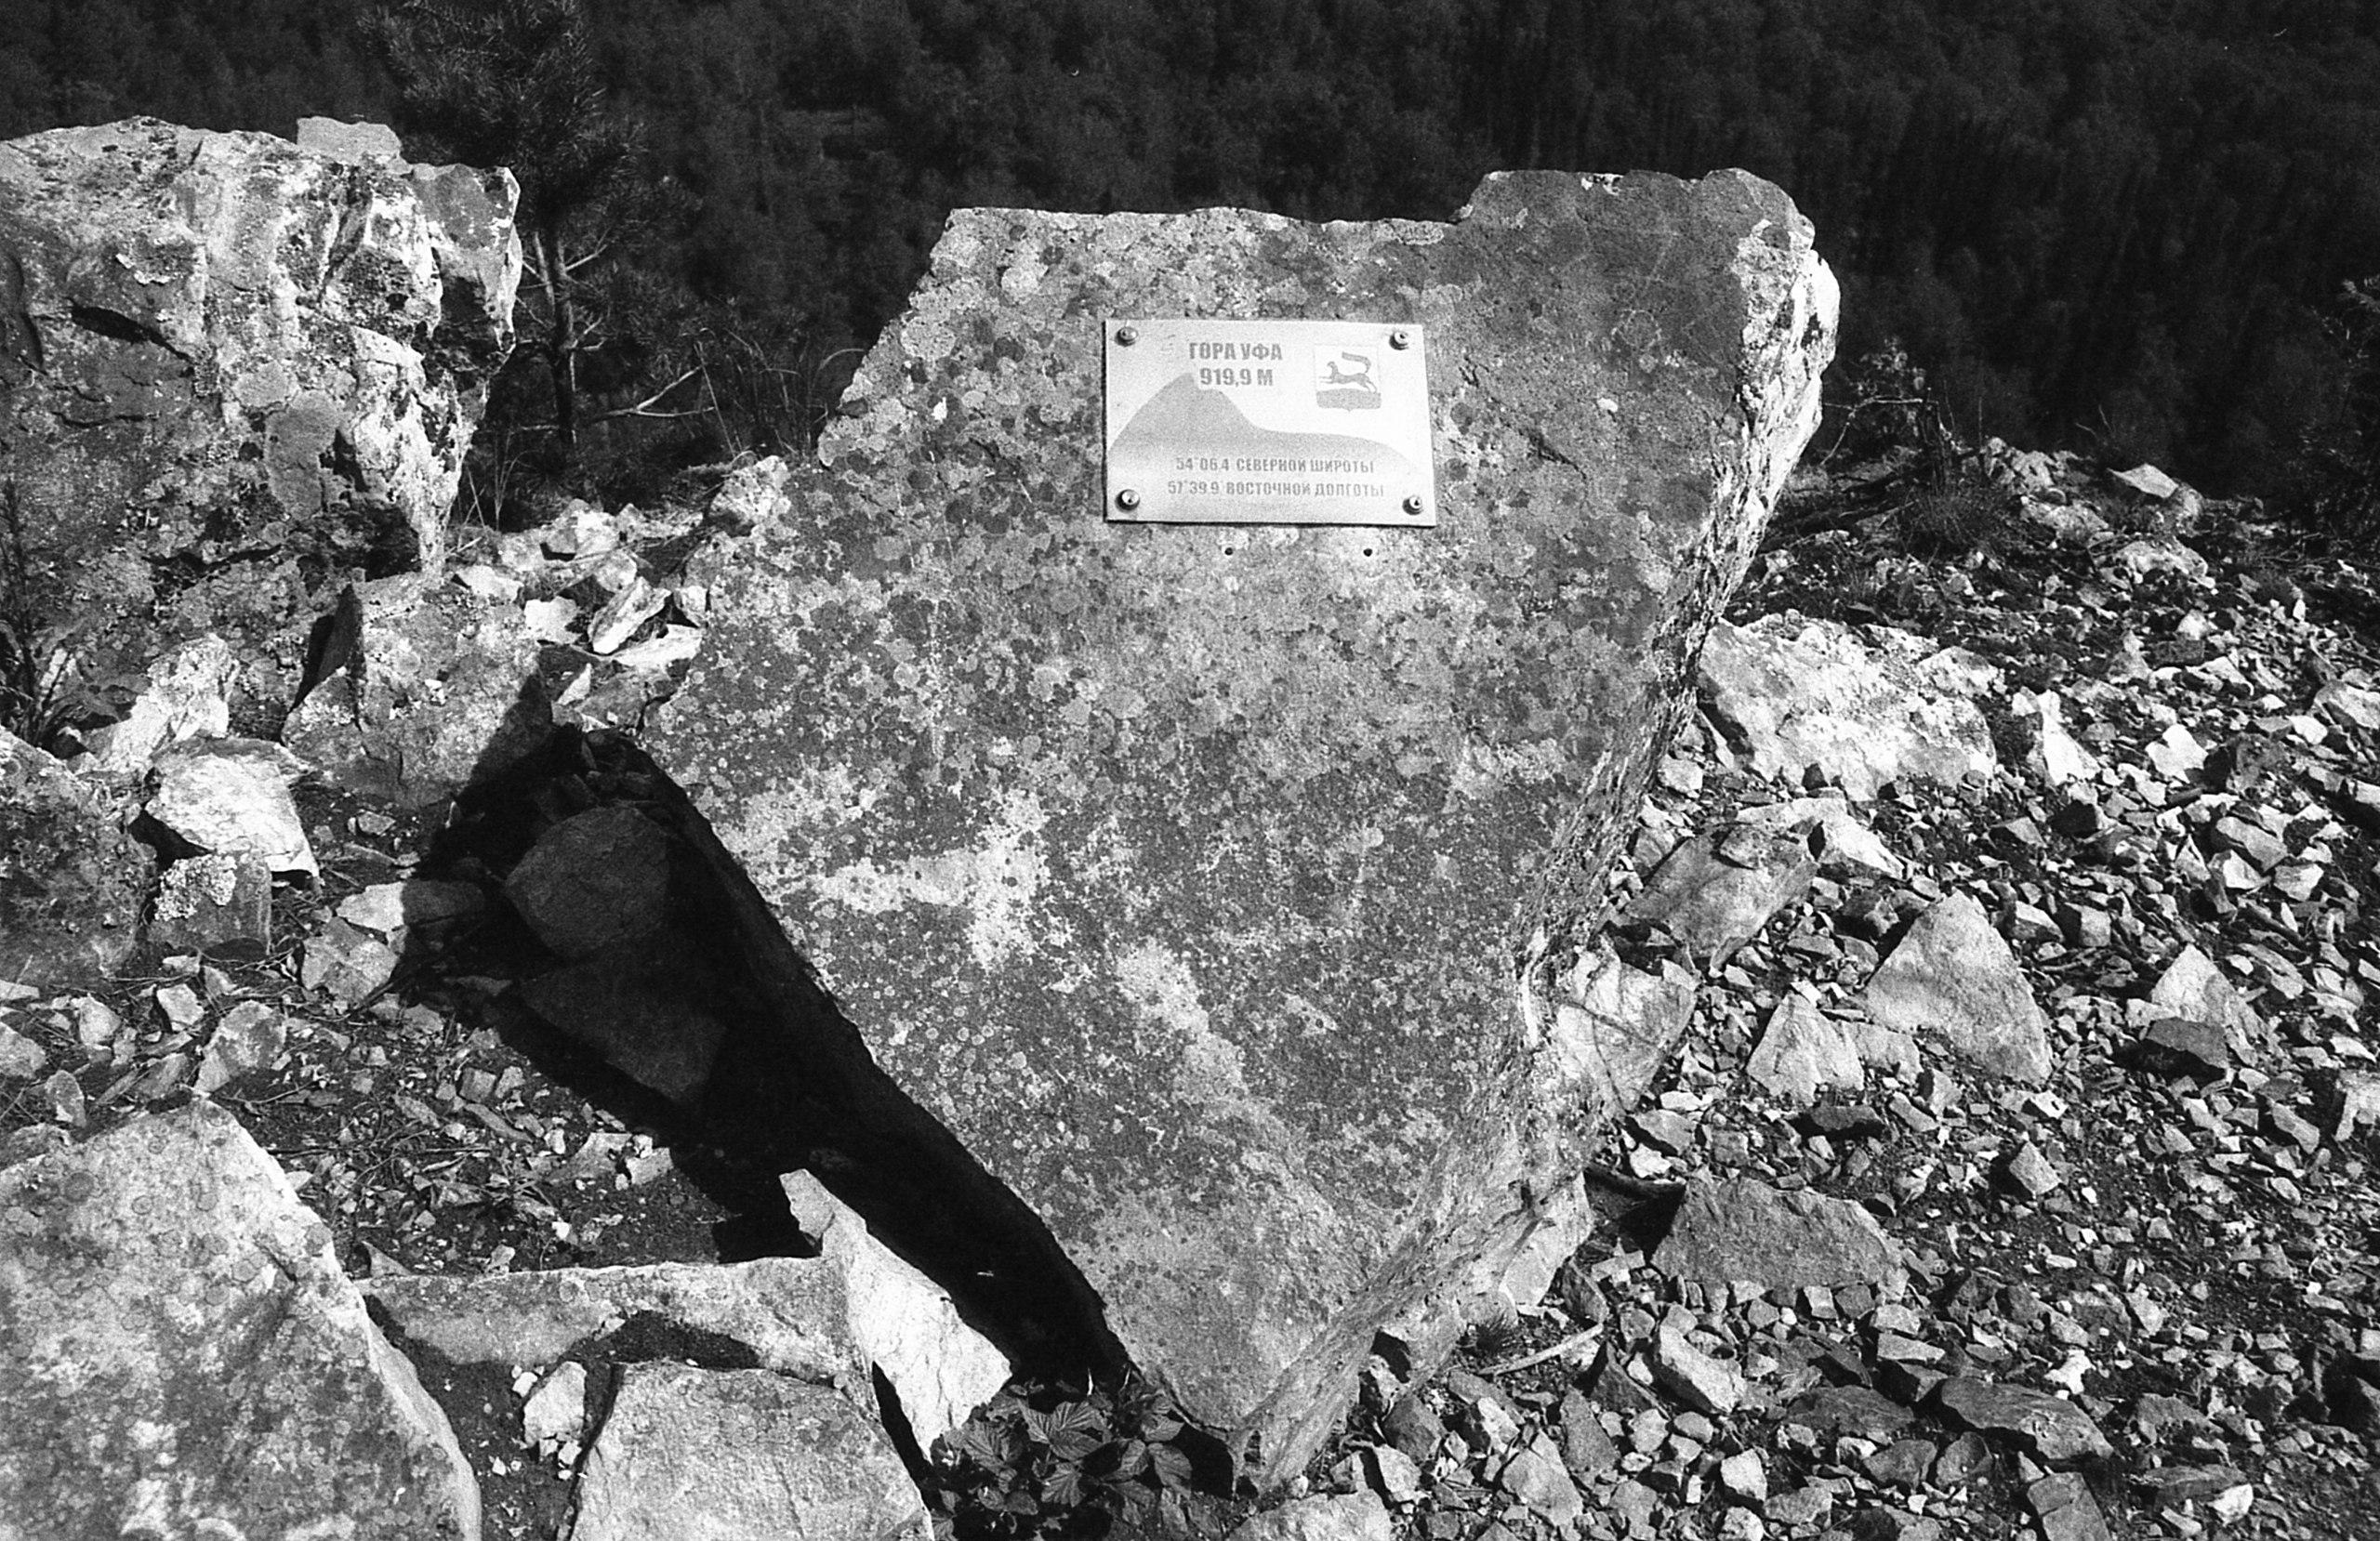 Памятная табличка на вершине Караташа.